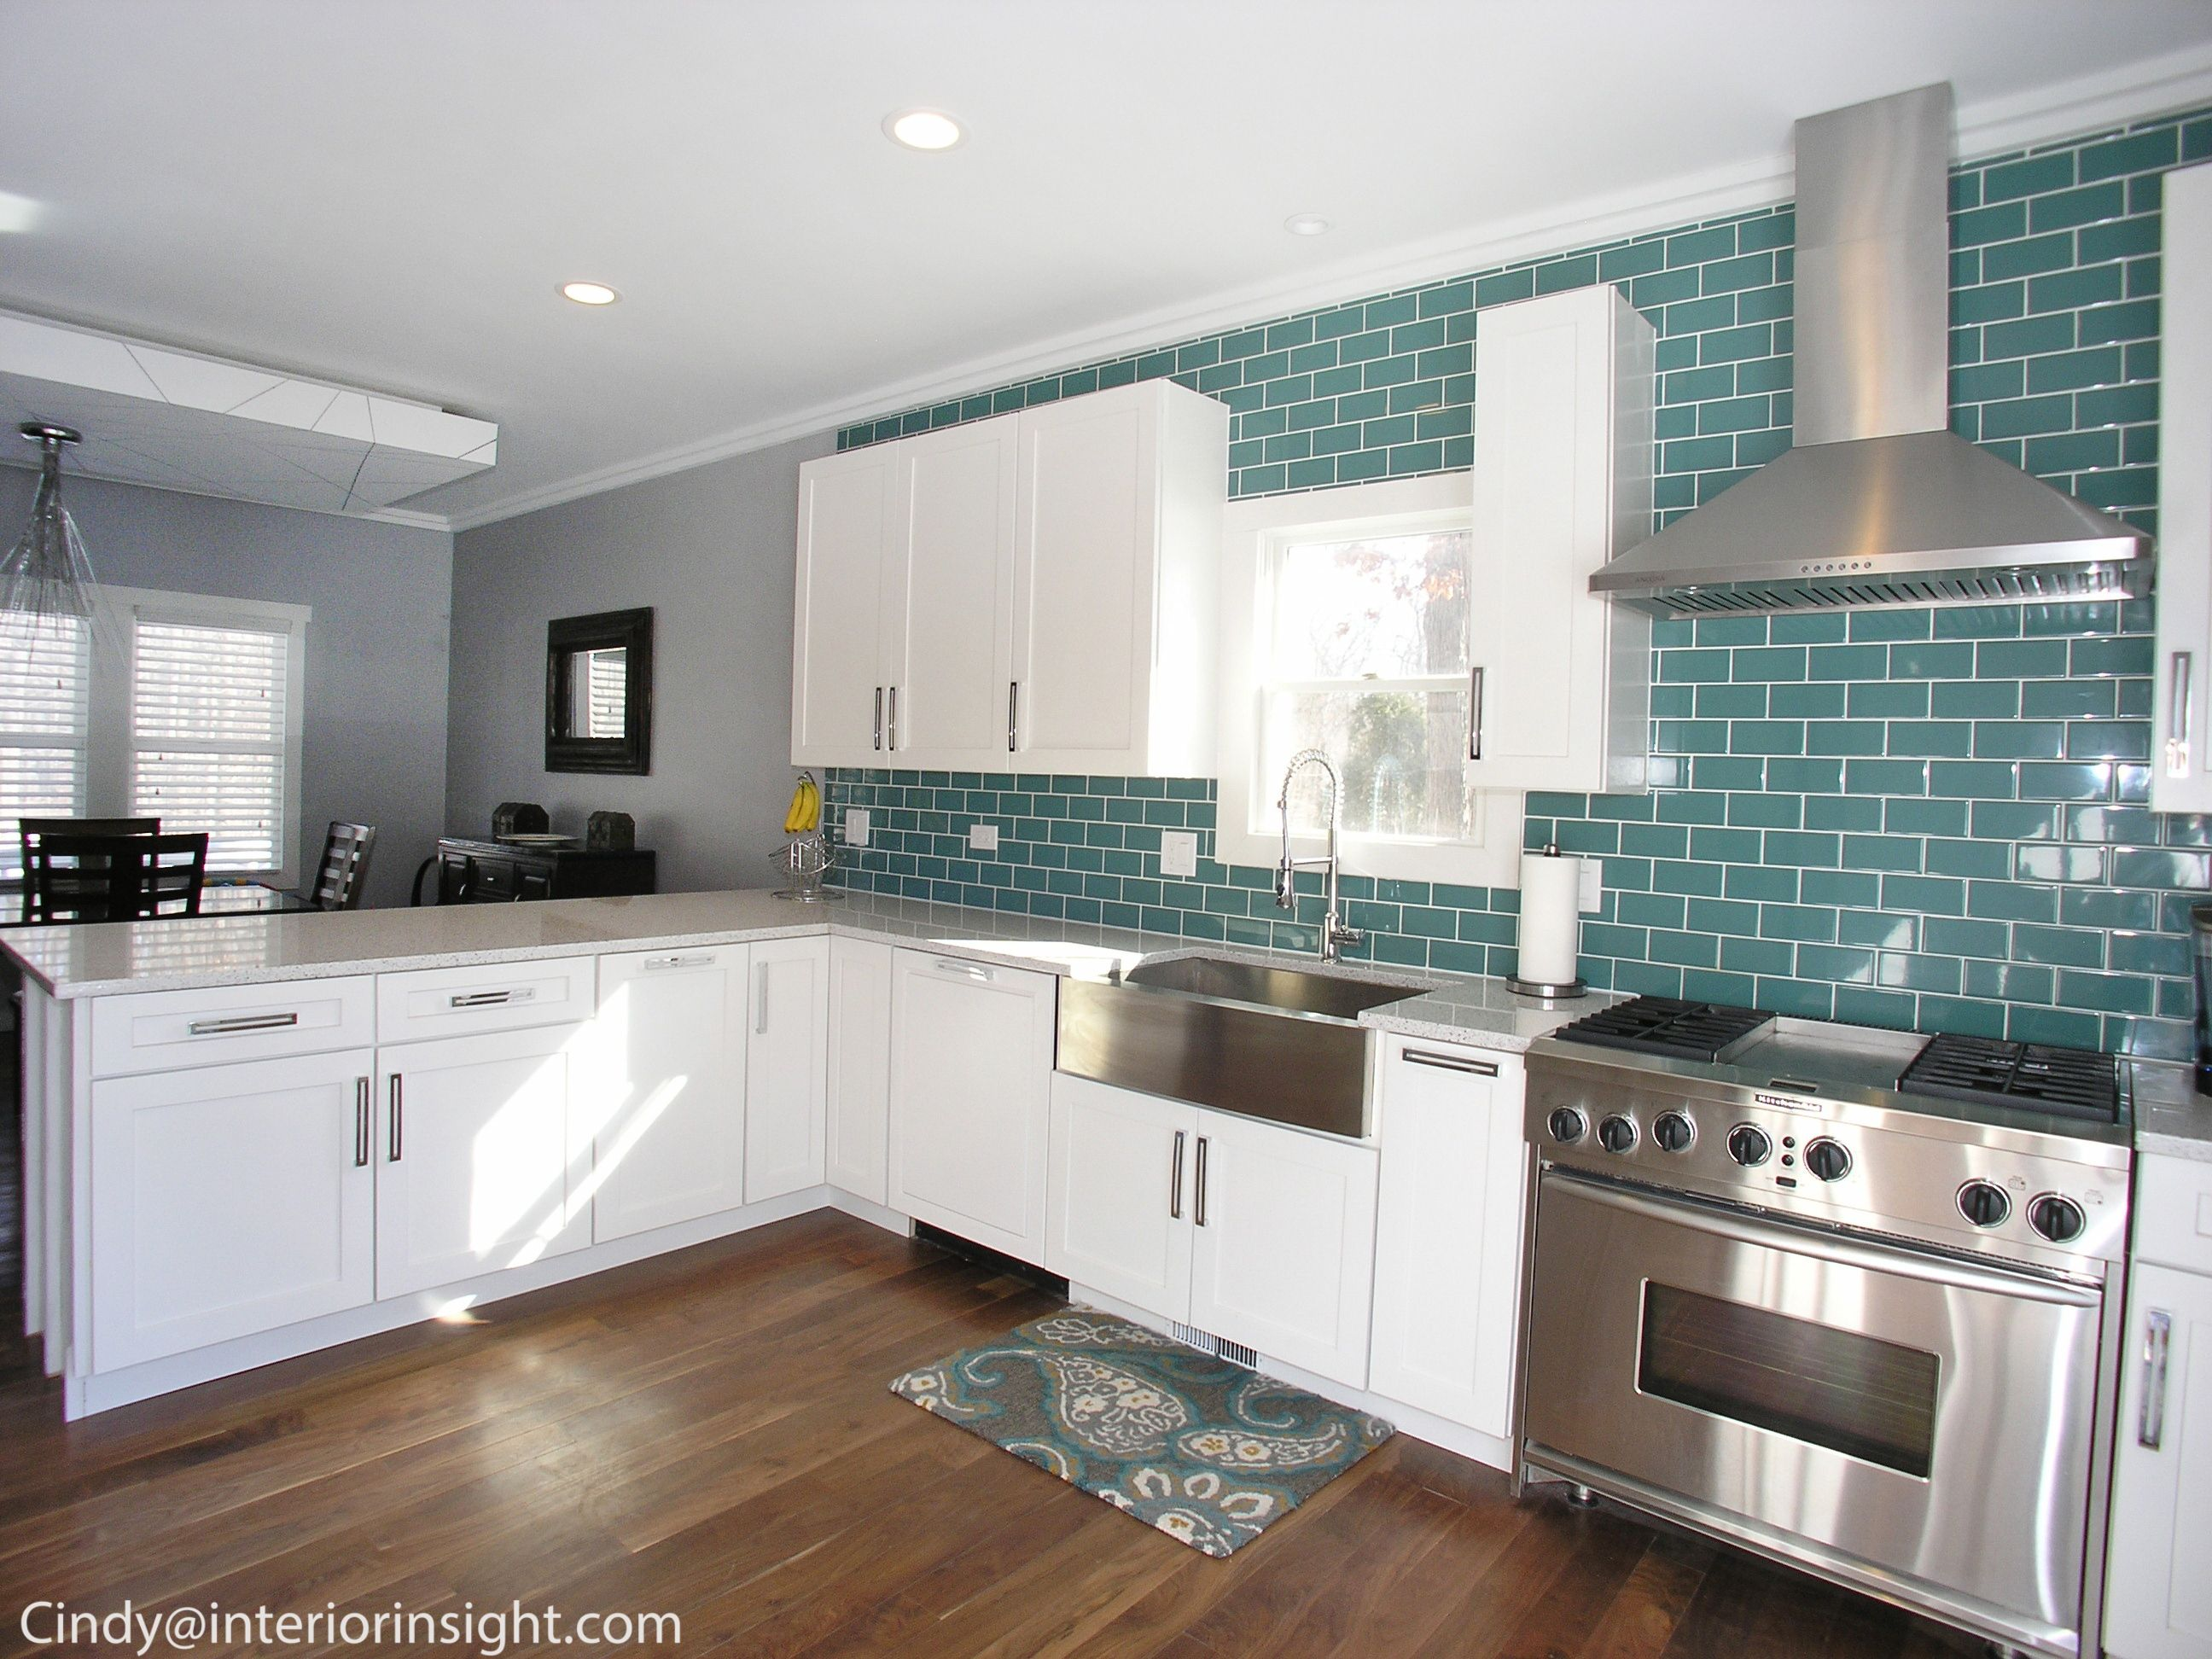 Best Teal Glass Backsplash In This Modern White Open Floorplan 400 x 300